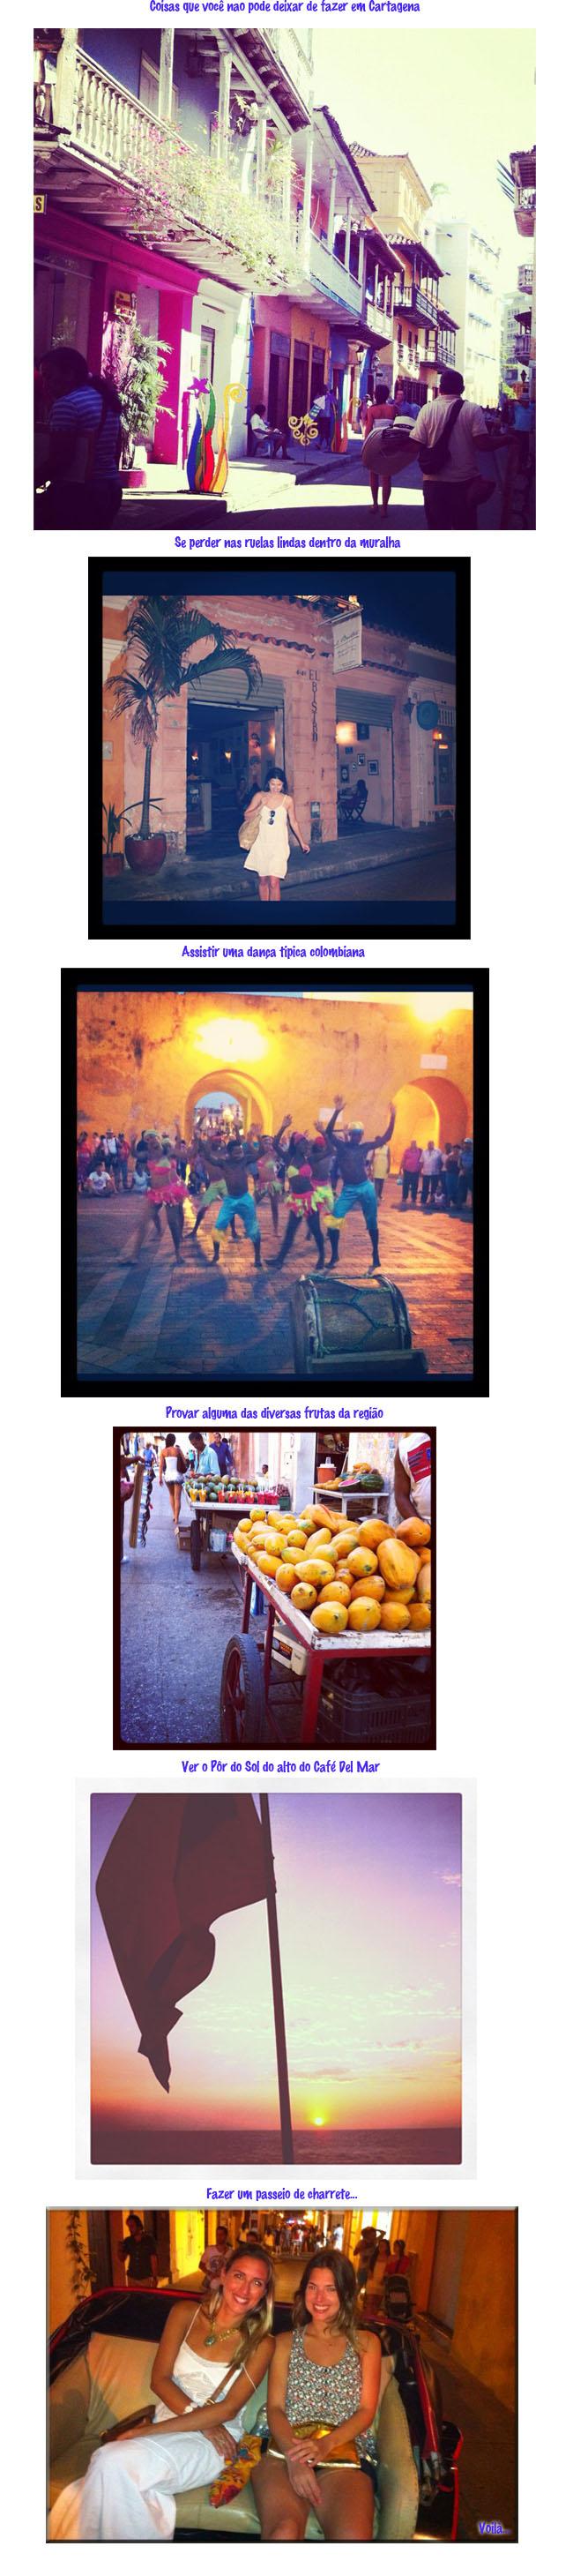 Cartagena, Cartagena de Indias, dicas de Cartagena, Cartagena Colômbia, viagens, dicas de viagens,